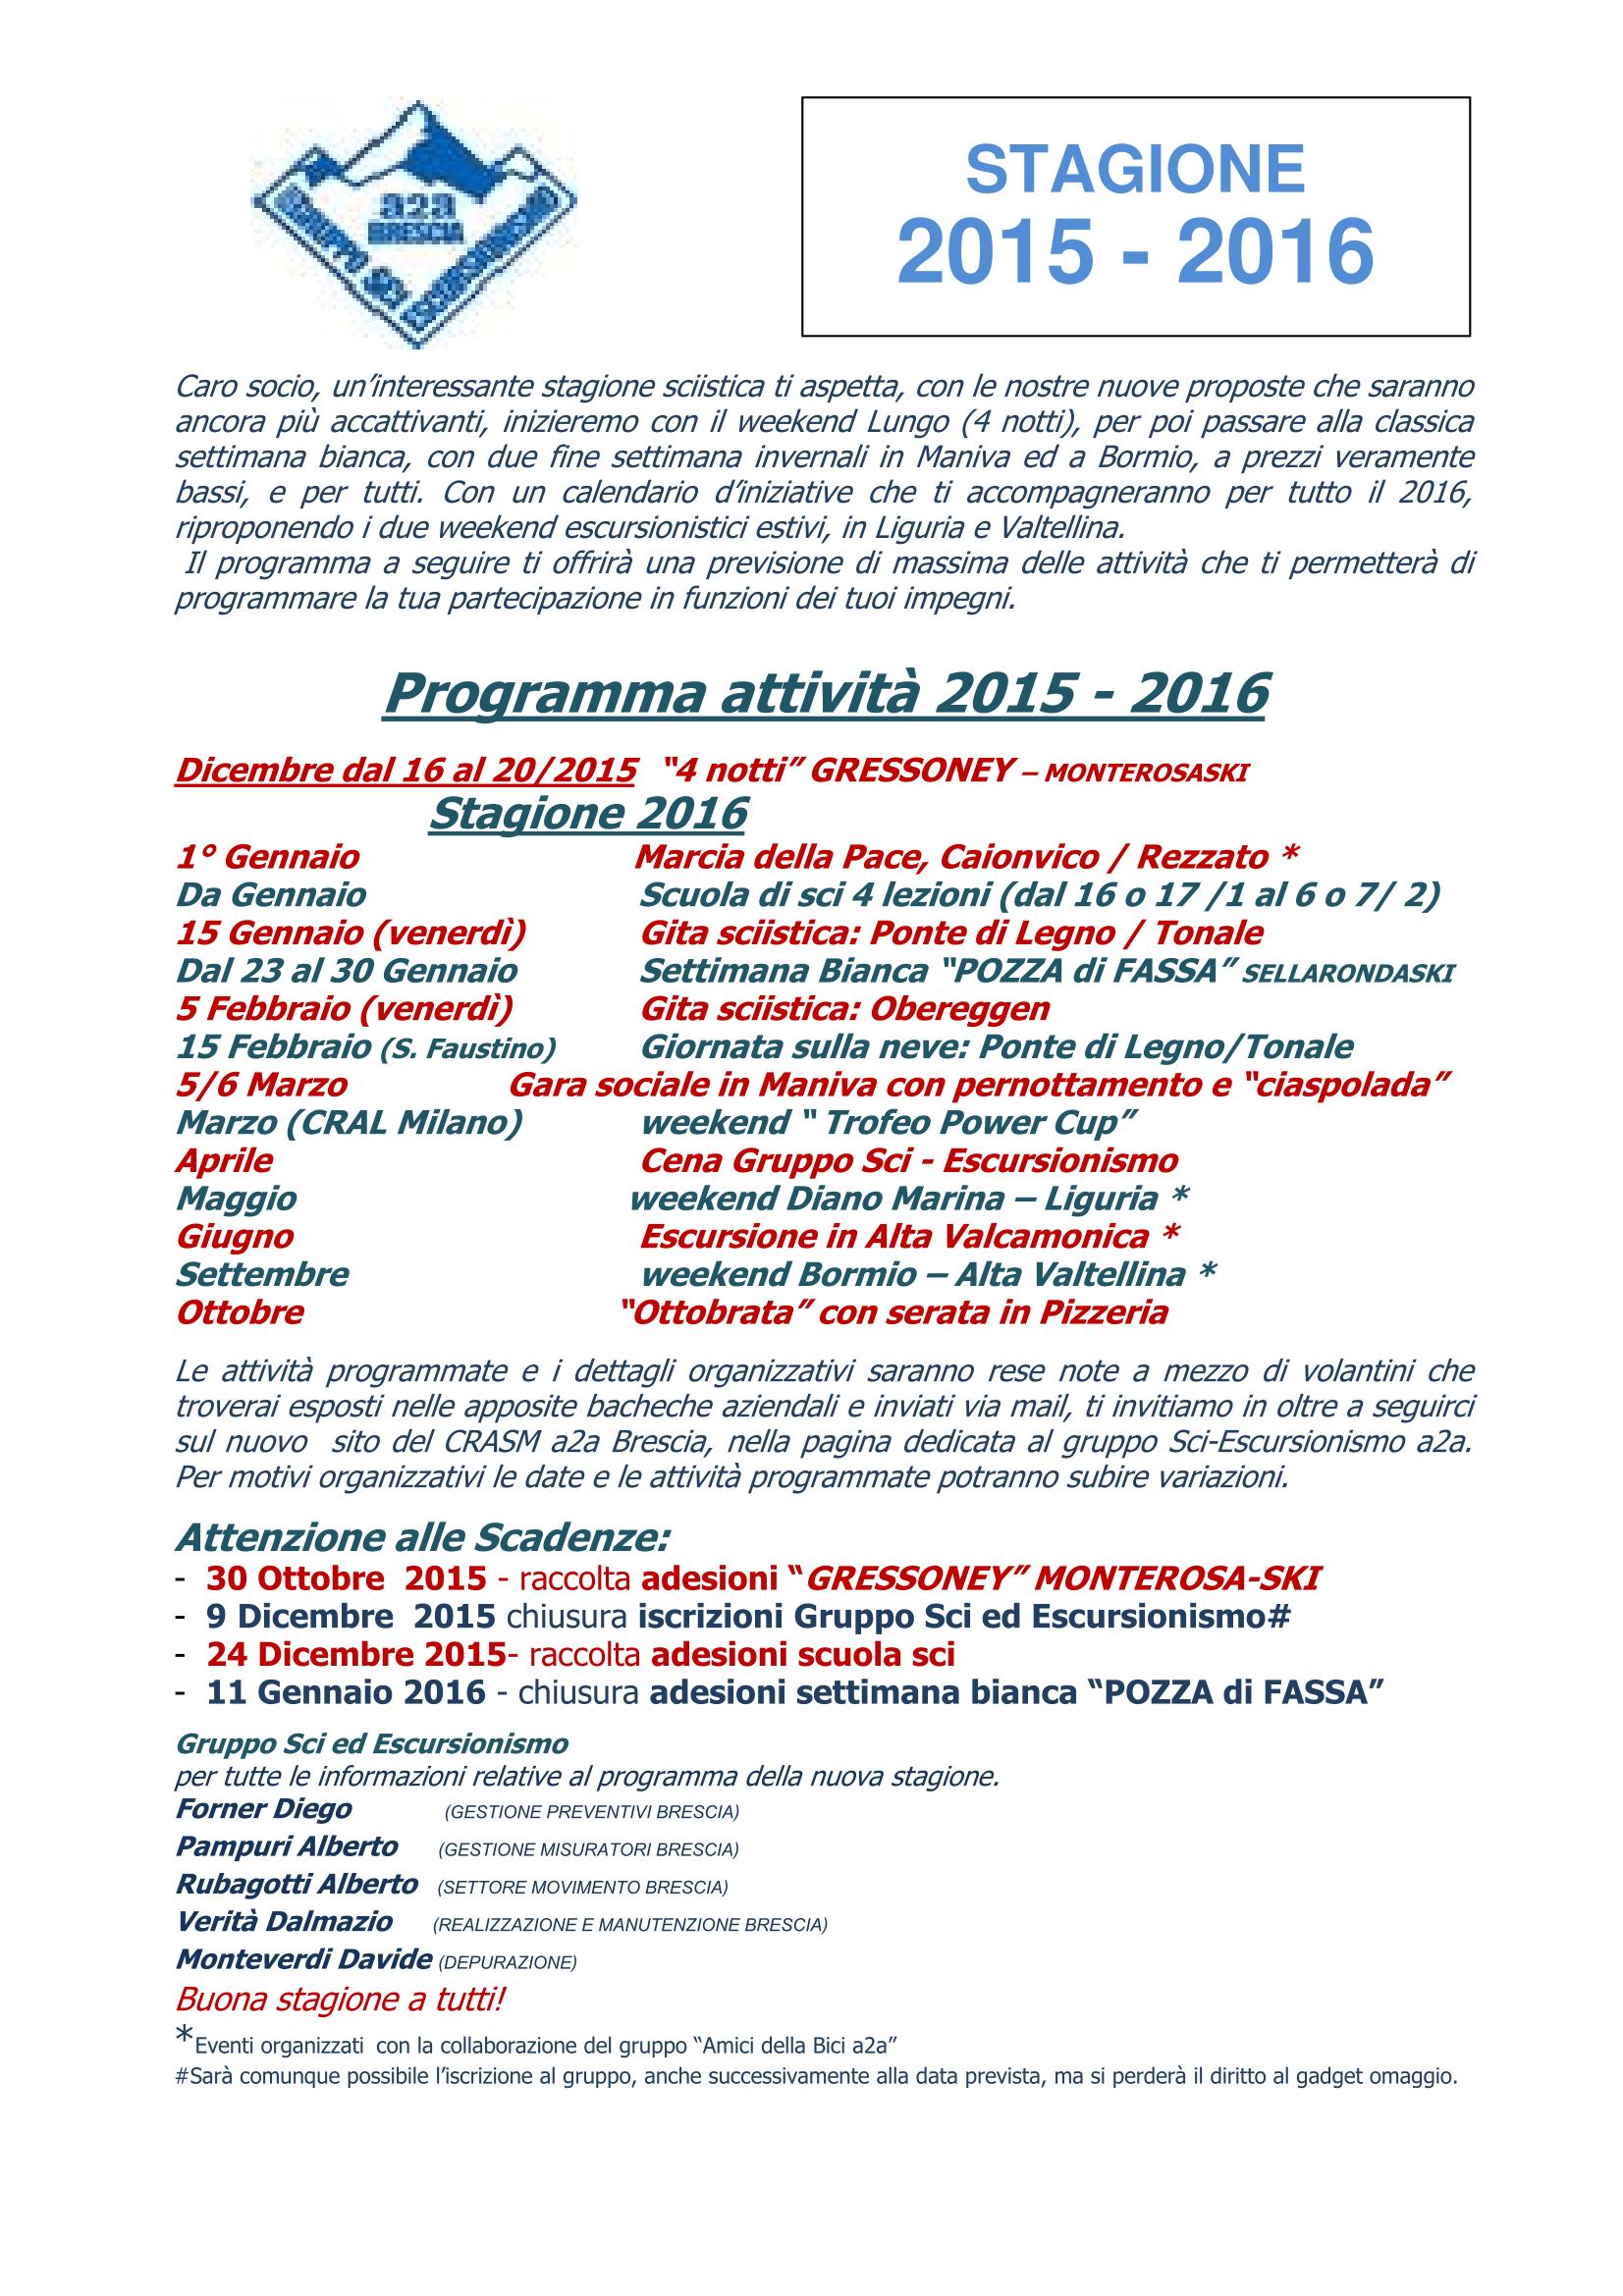 Programma GRUPPO SCI 2016 (2)-1